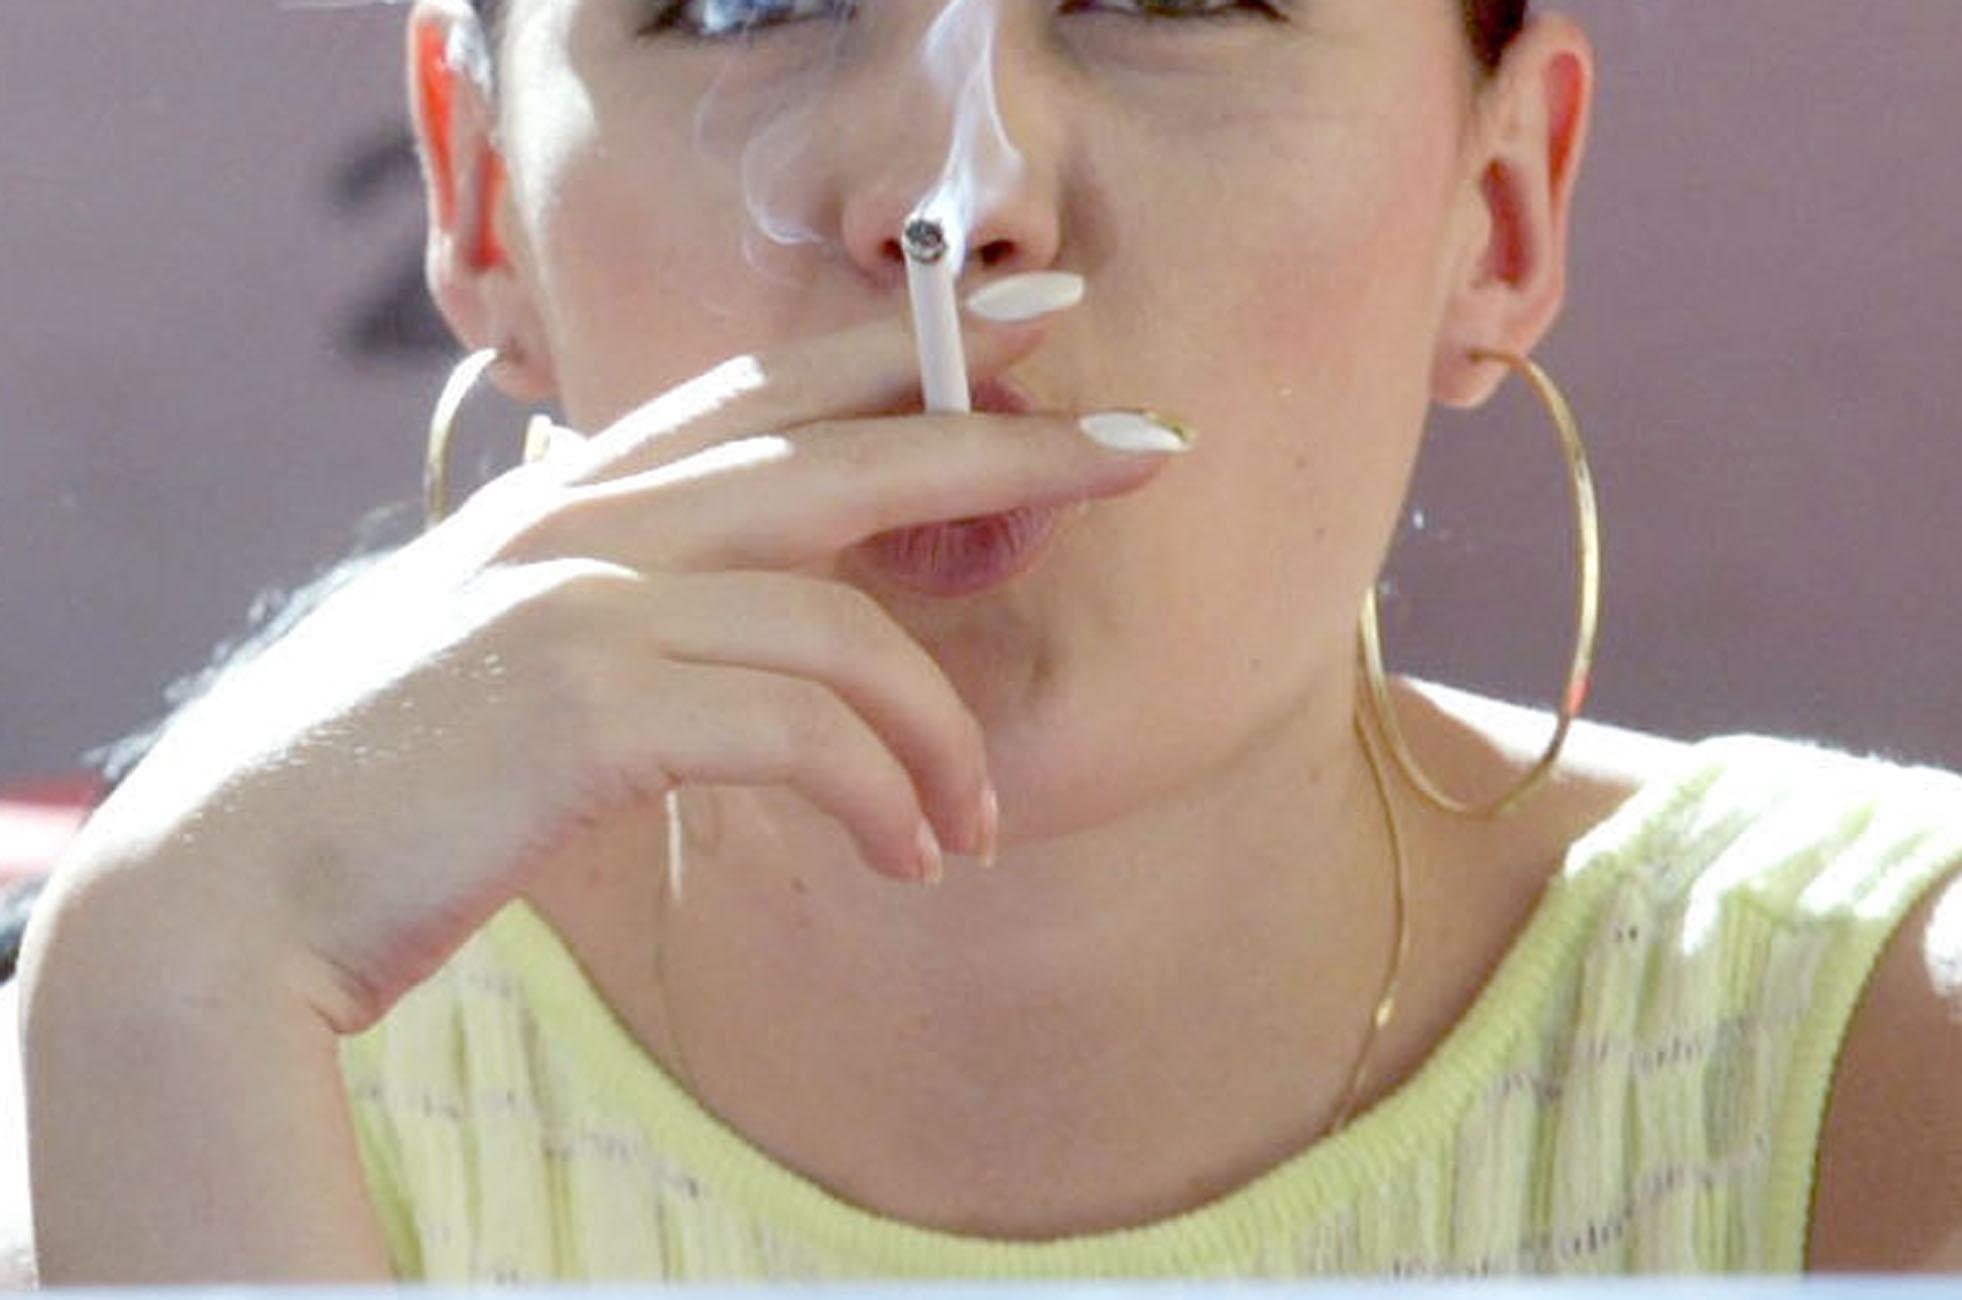 Οι Έλληνες καπνίζουν περισσότερο στοlockdown: Τι δείχνει έρευνα τηςMarc